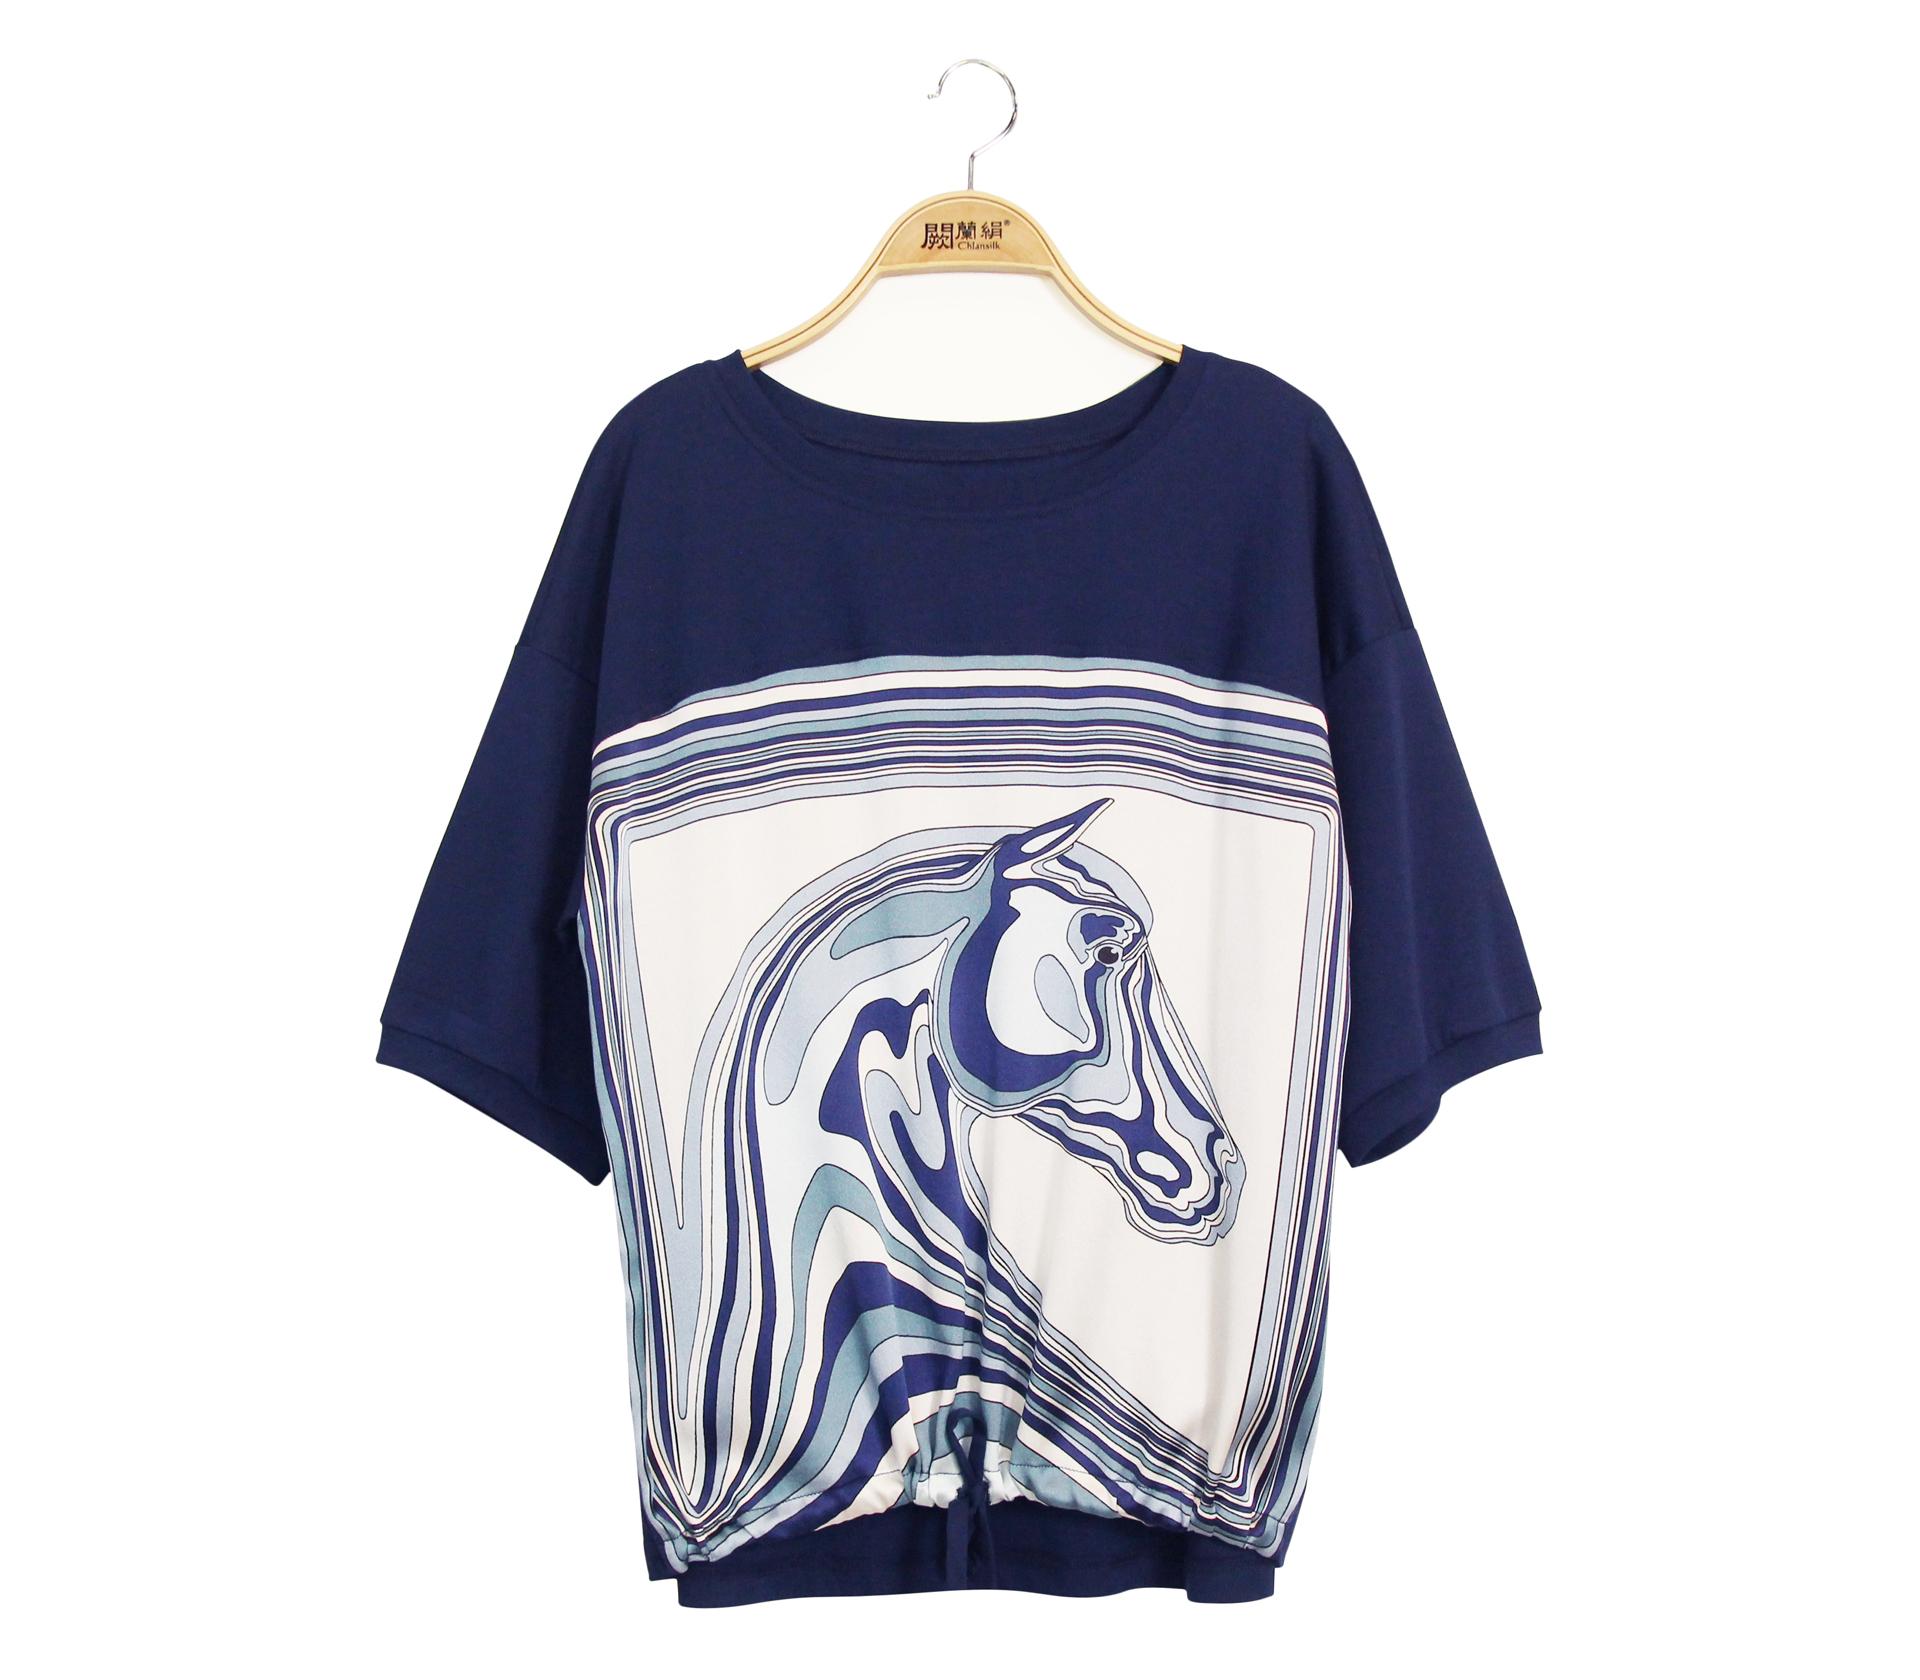 闕蘭絹拼接緞面動物造型蠶絲下擺綁帶短袖上衣 - 藍色 - 6646